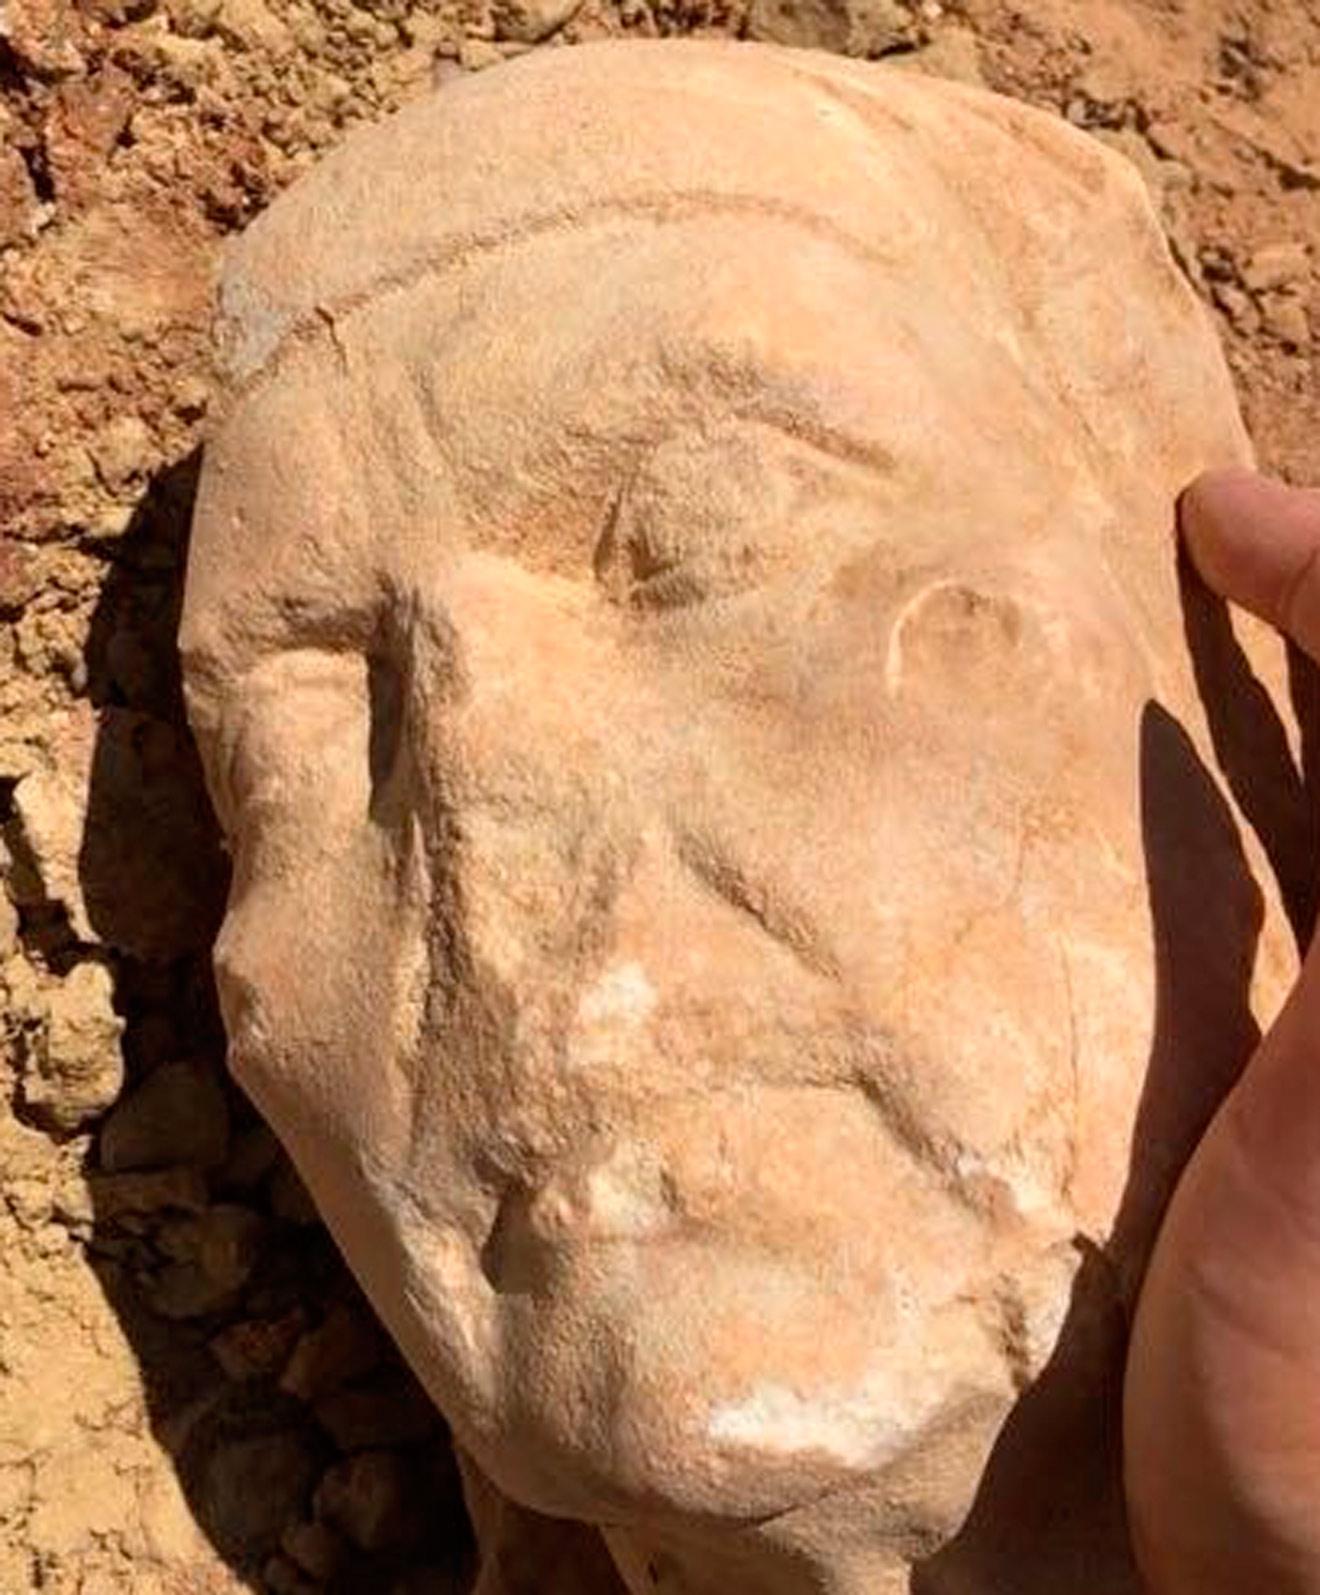 El busto encontrado por India Martínez mientras hacía deporte /India Martínez